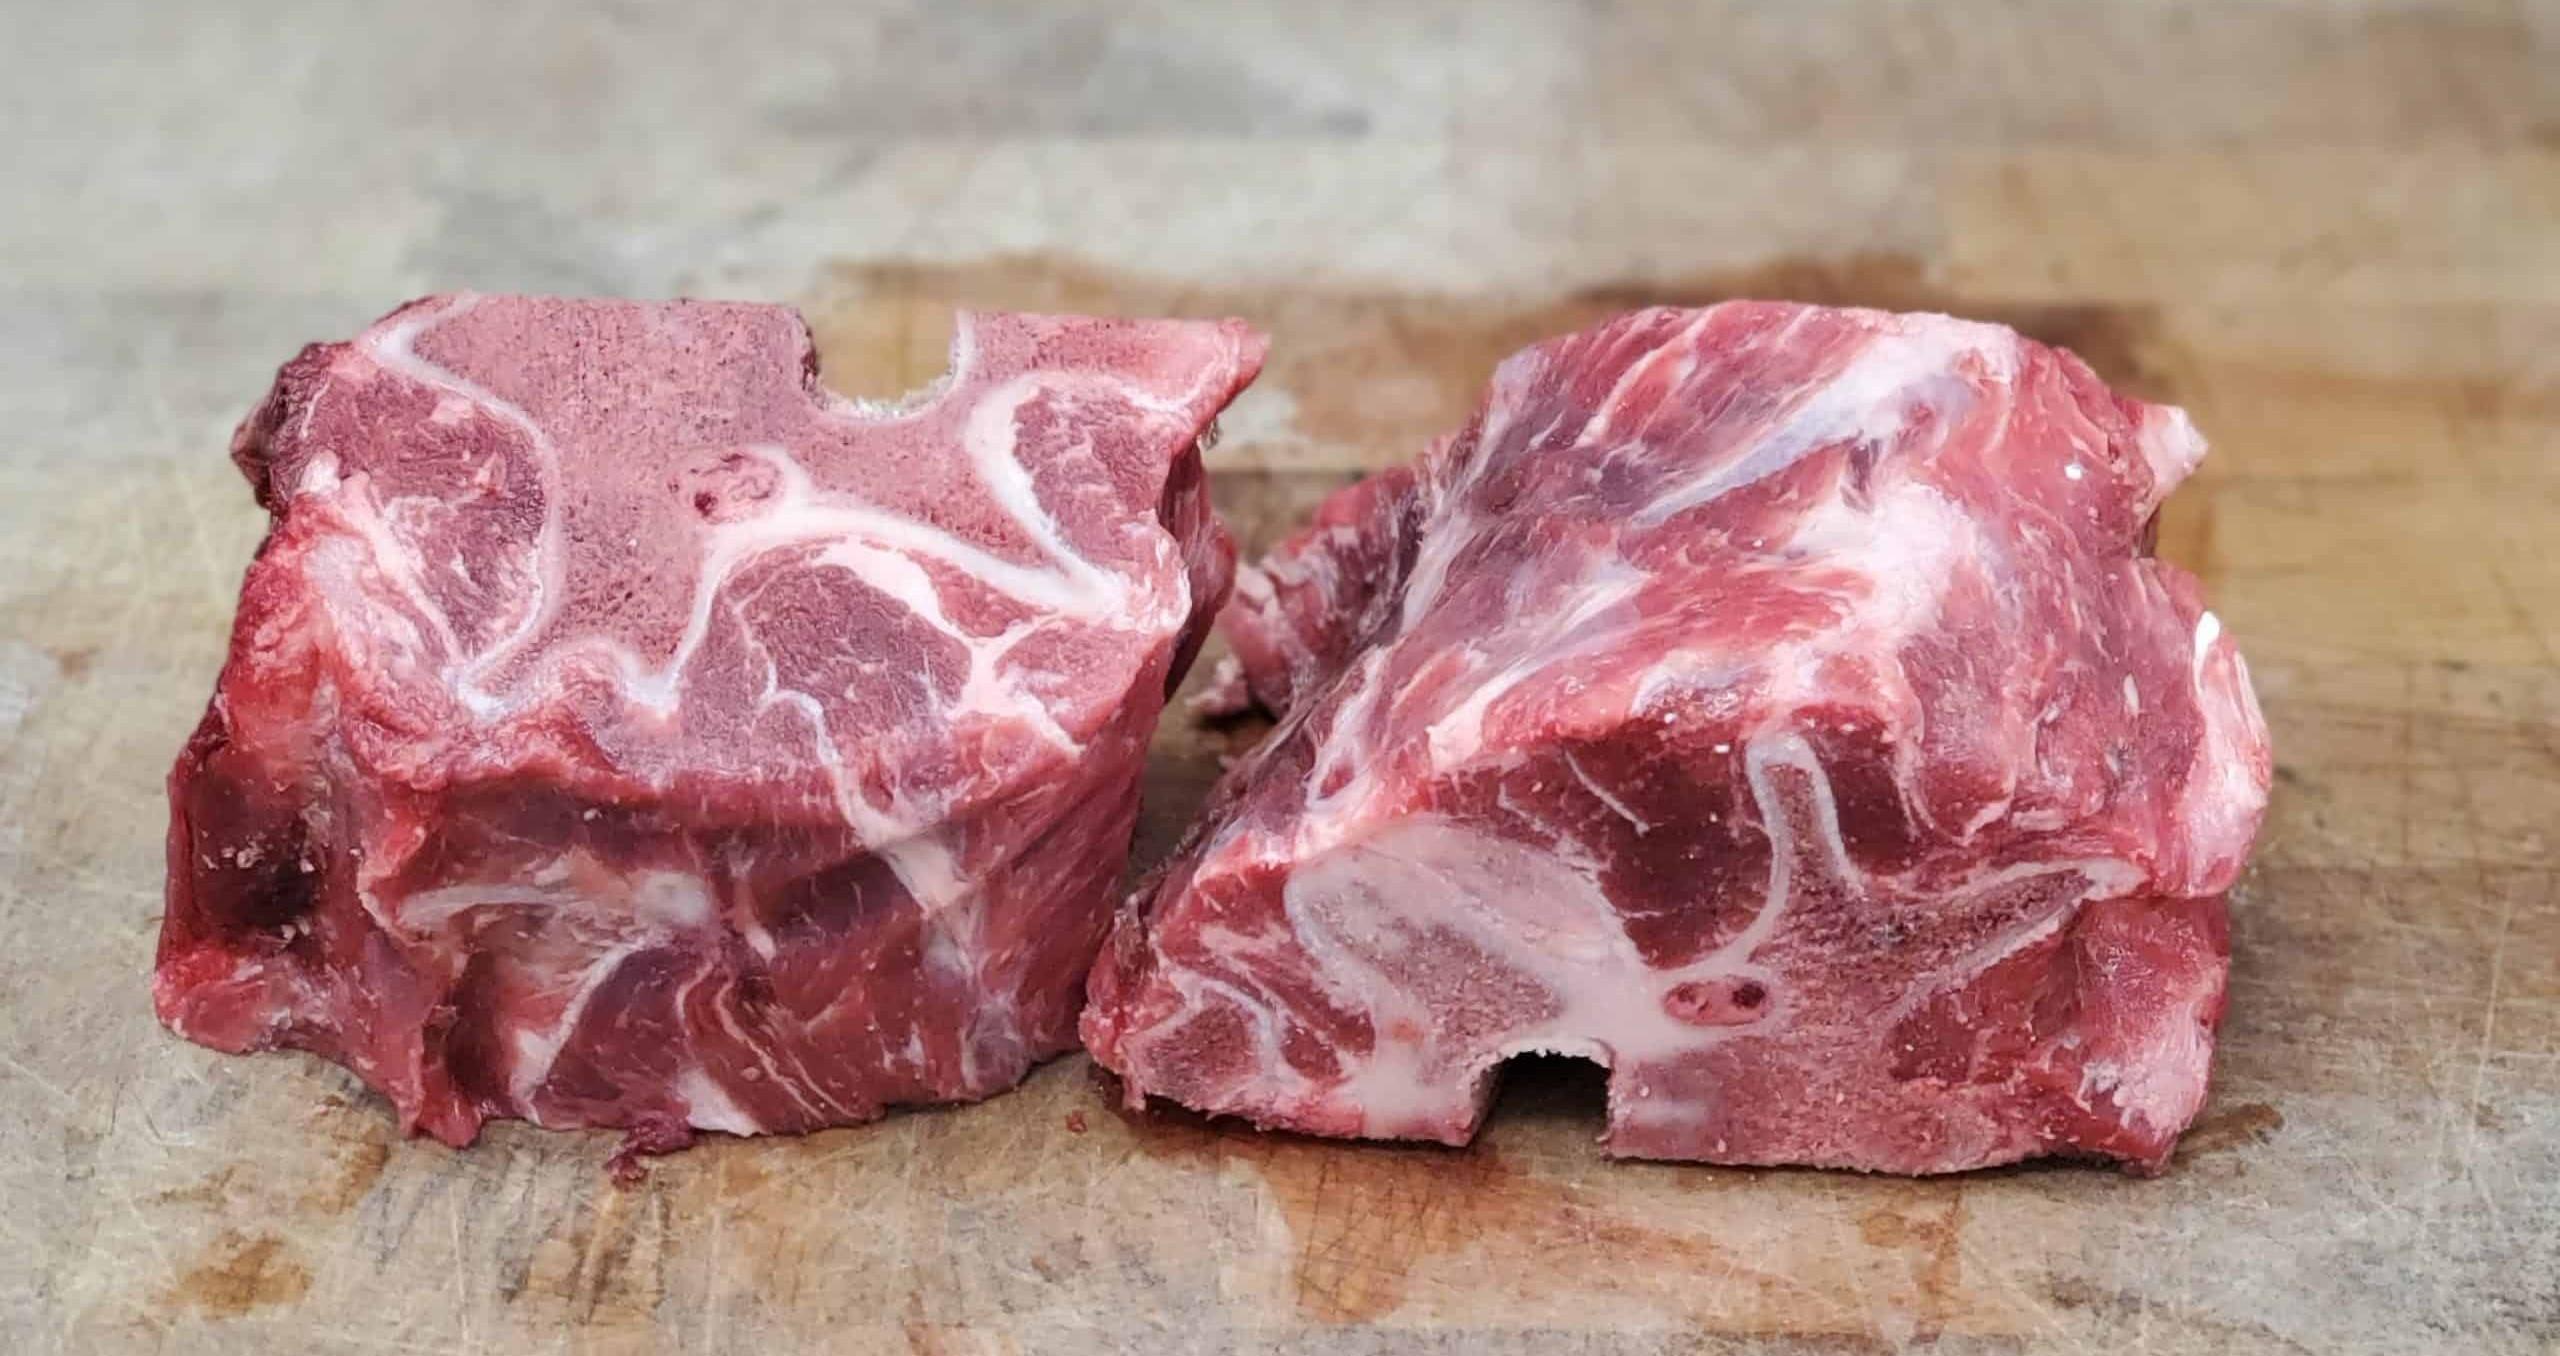 Beef Neck Bones